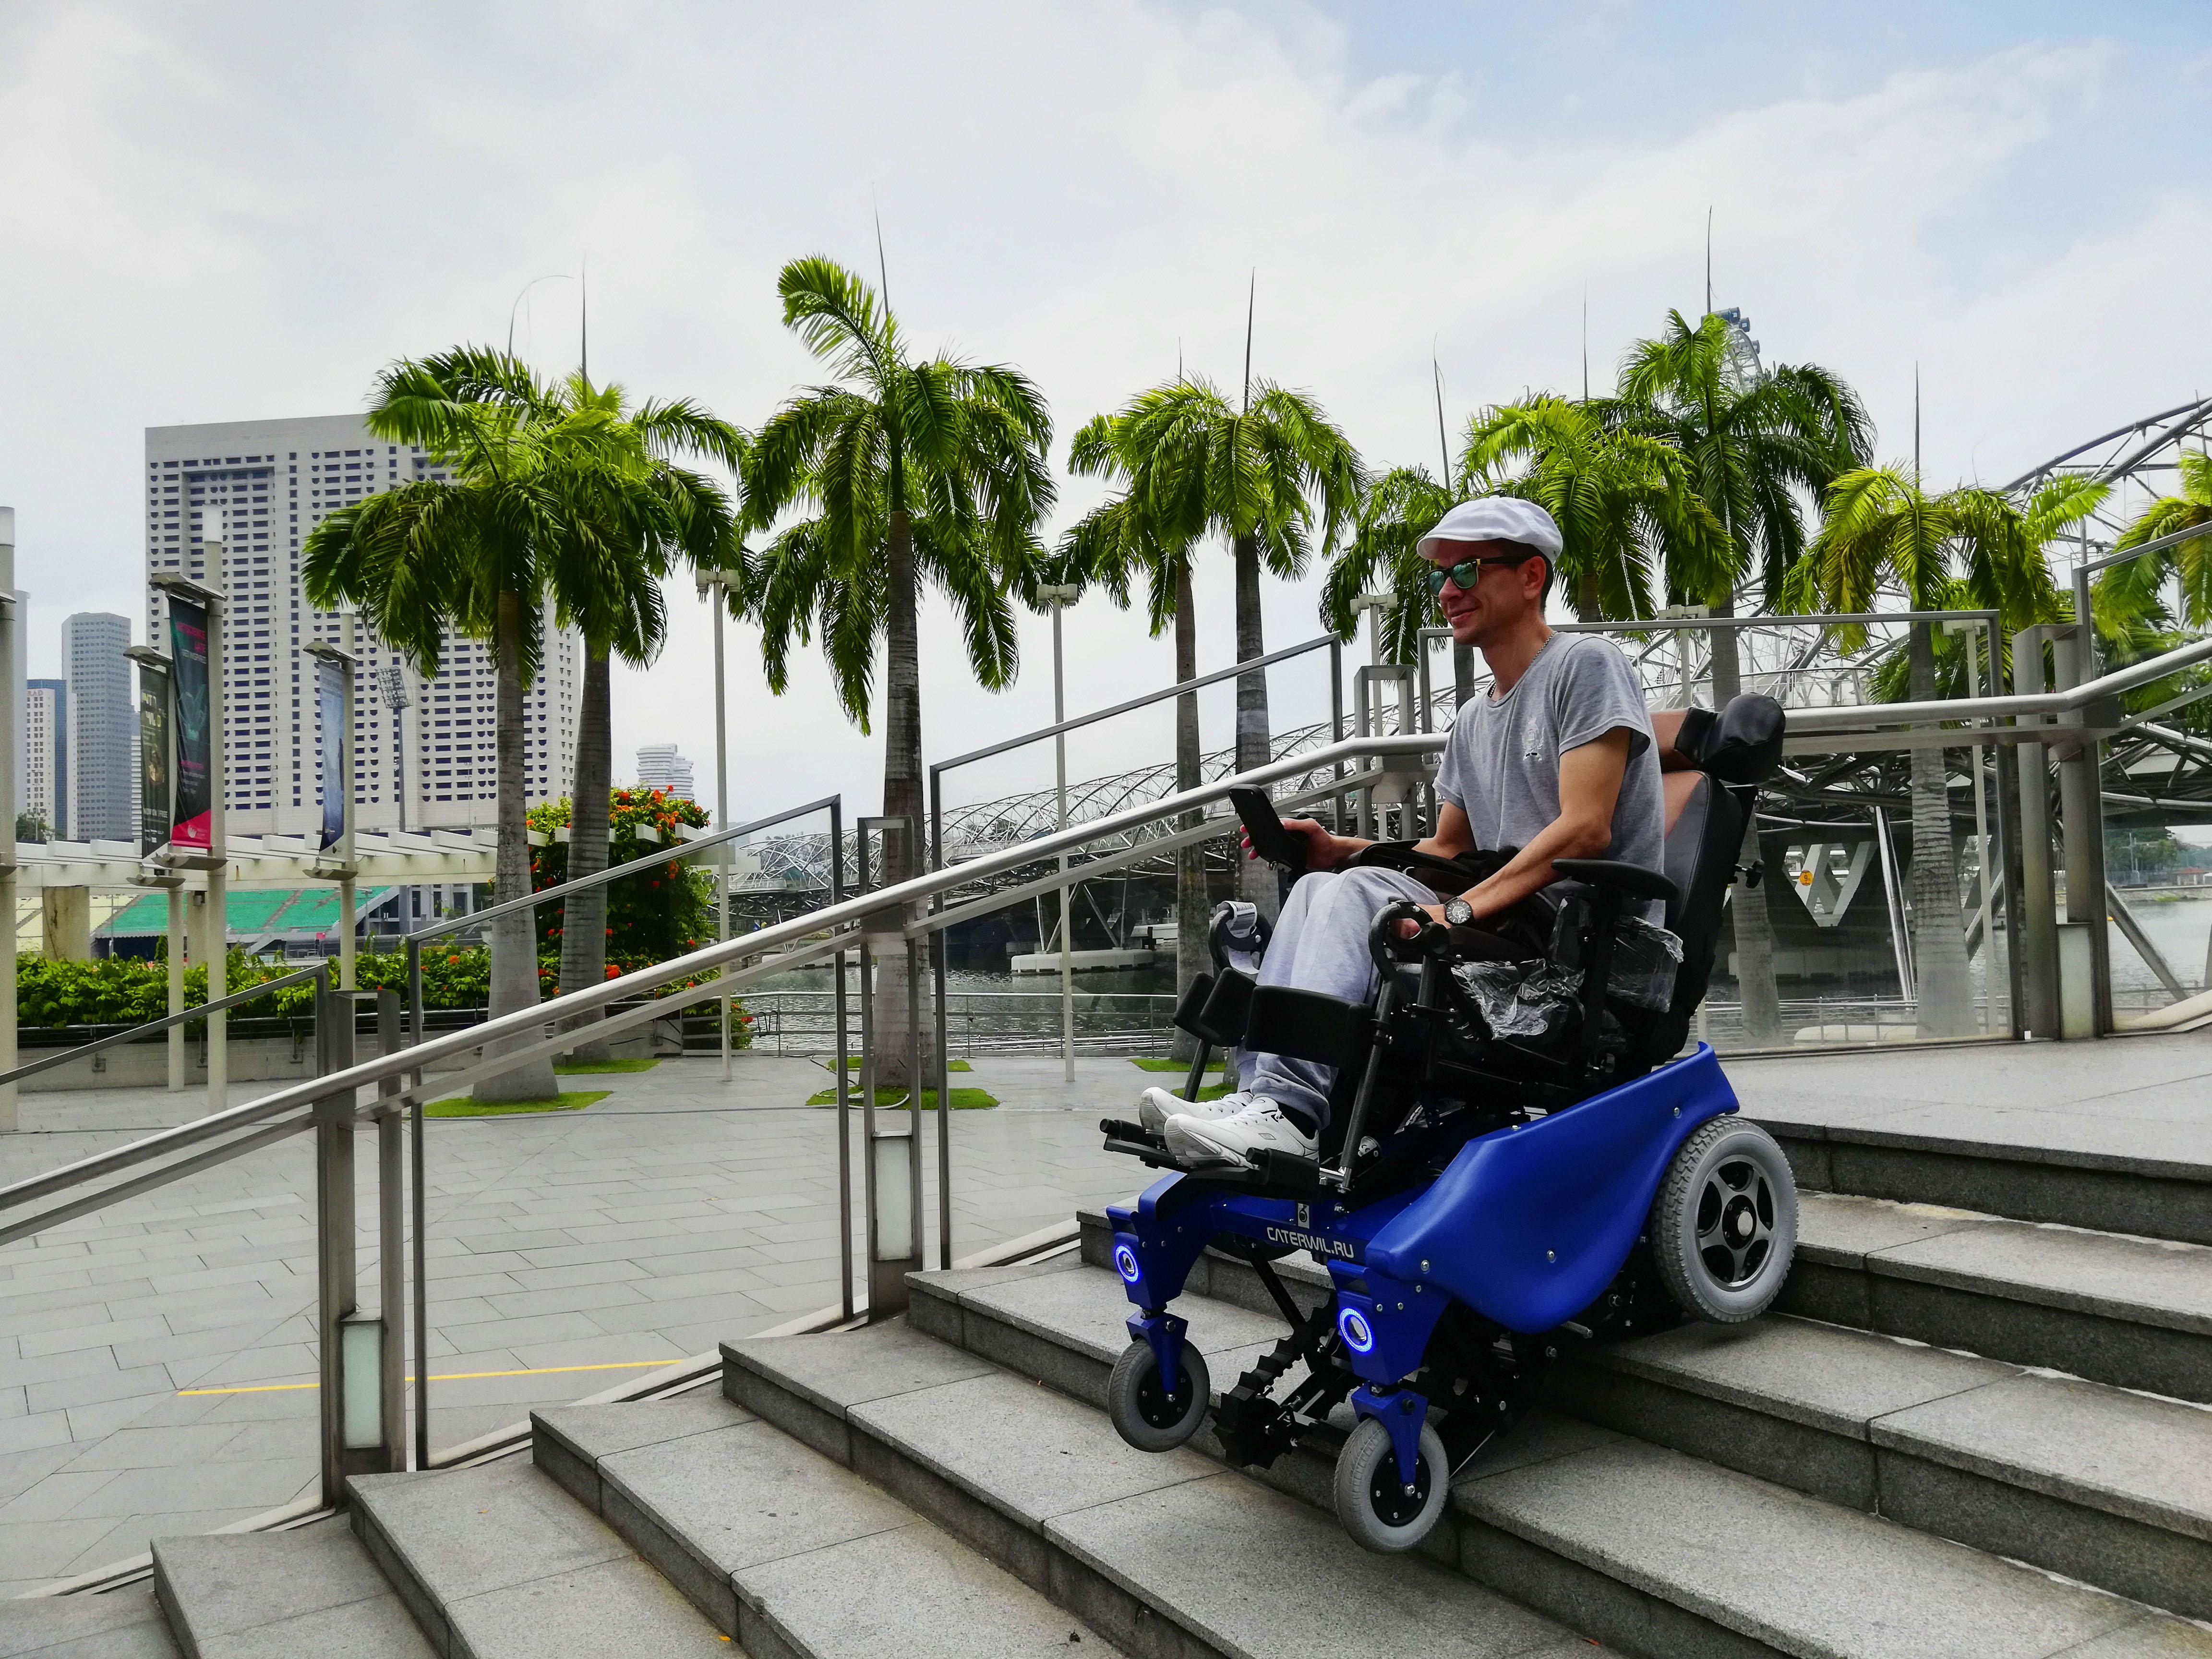 Ступенькоходная коляска Катэрвил в Сингапуре